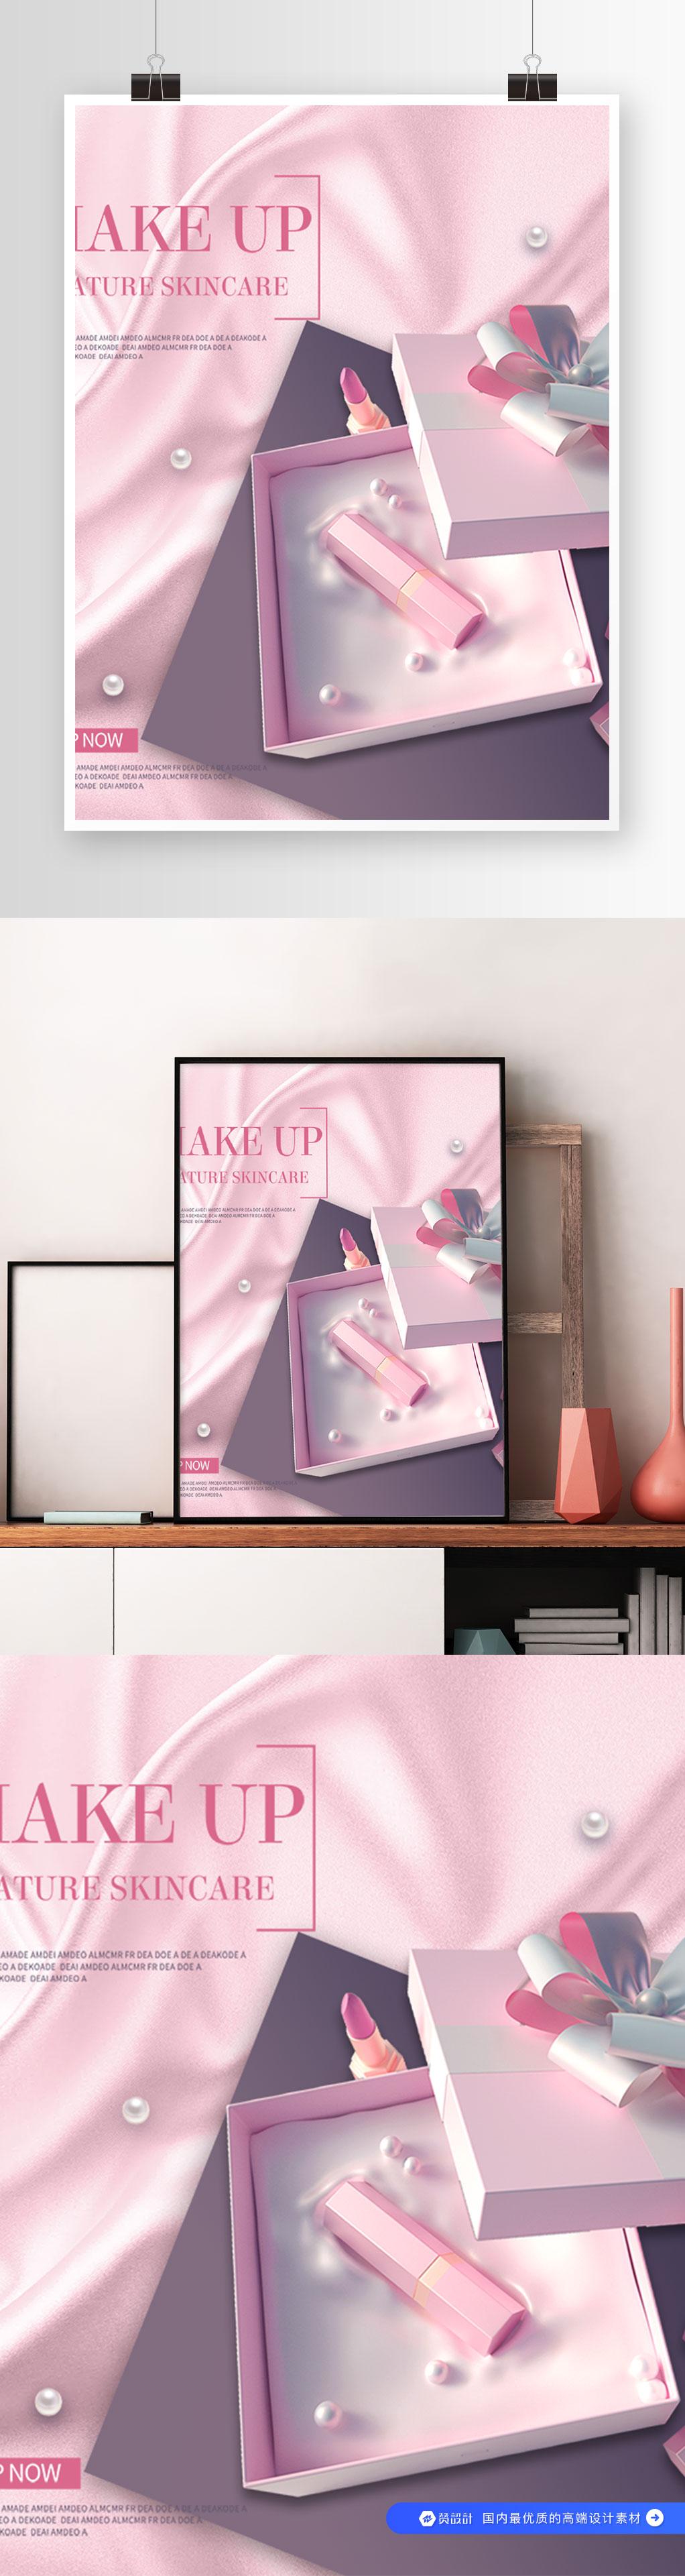 粉色高端丝绸背景彩妆口红化妆品促销海报素材